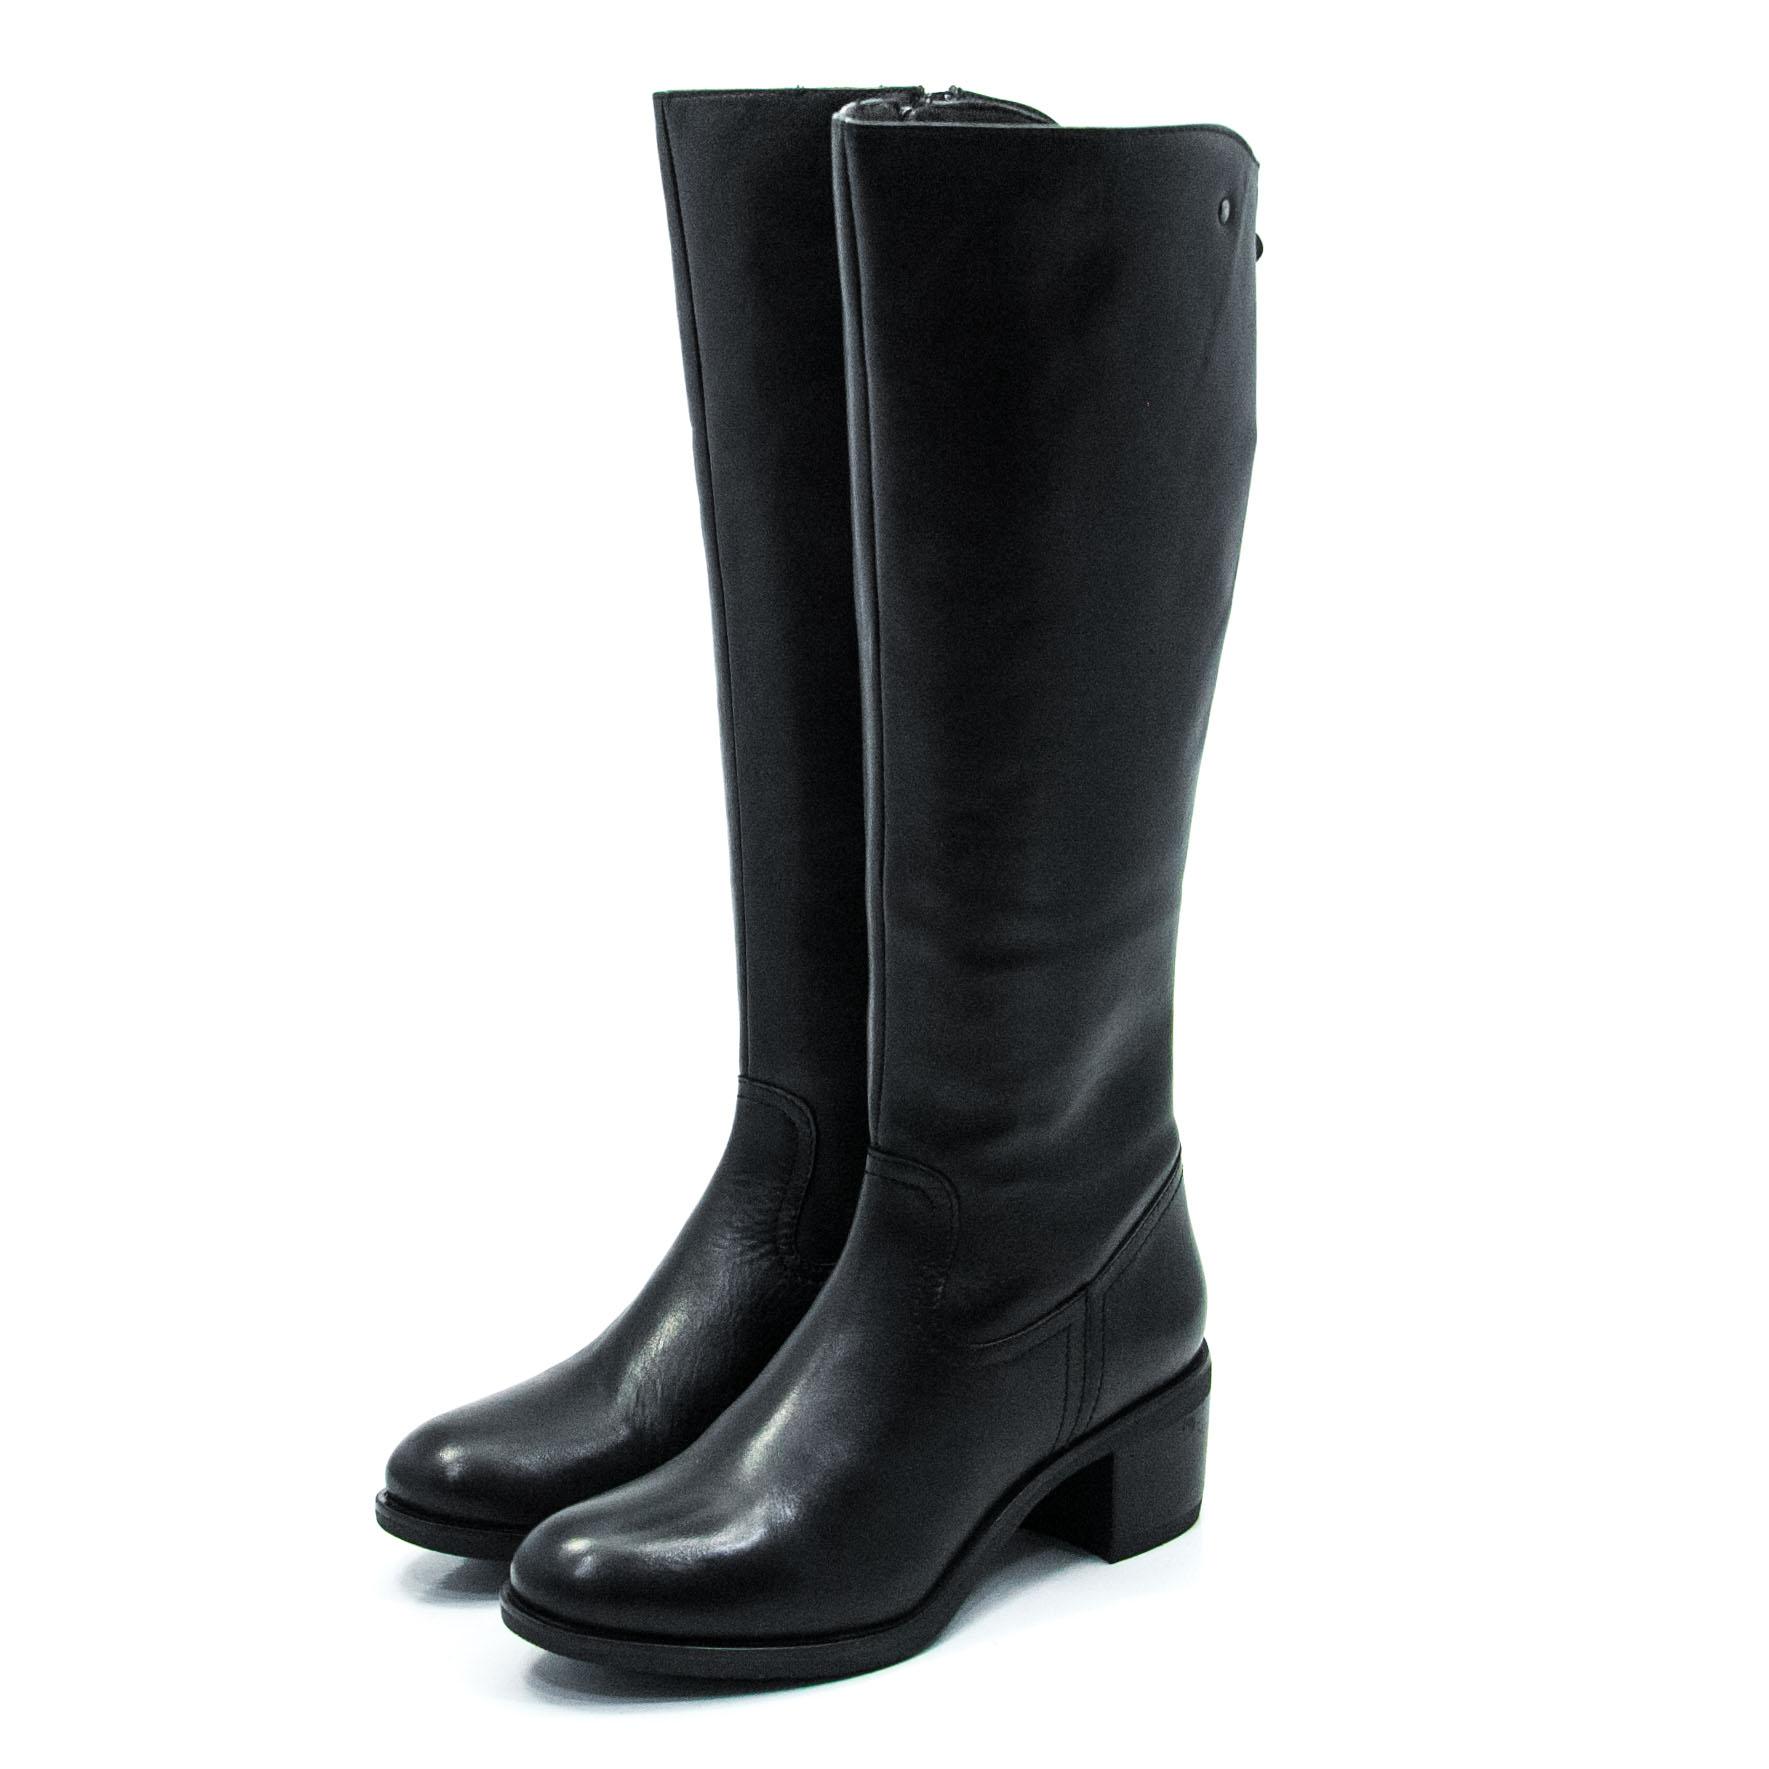 Γυναικεία μπότα WIKERS A59926